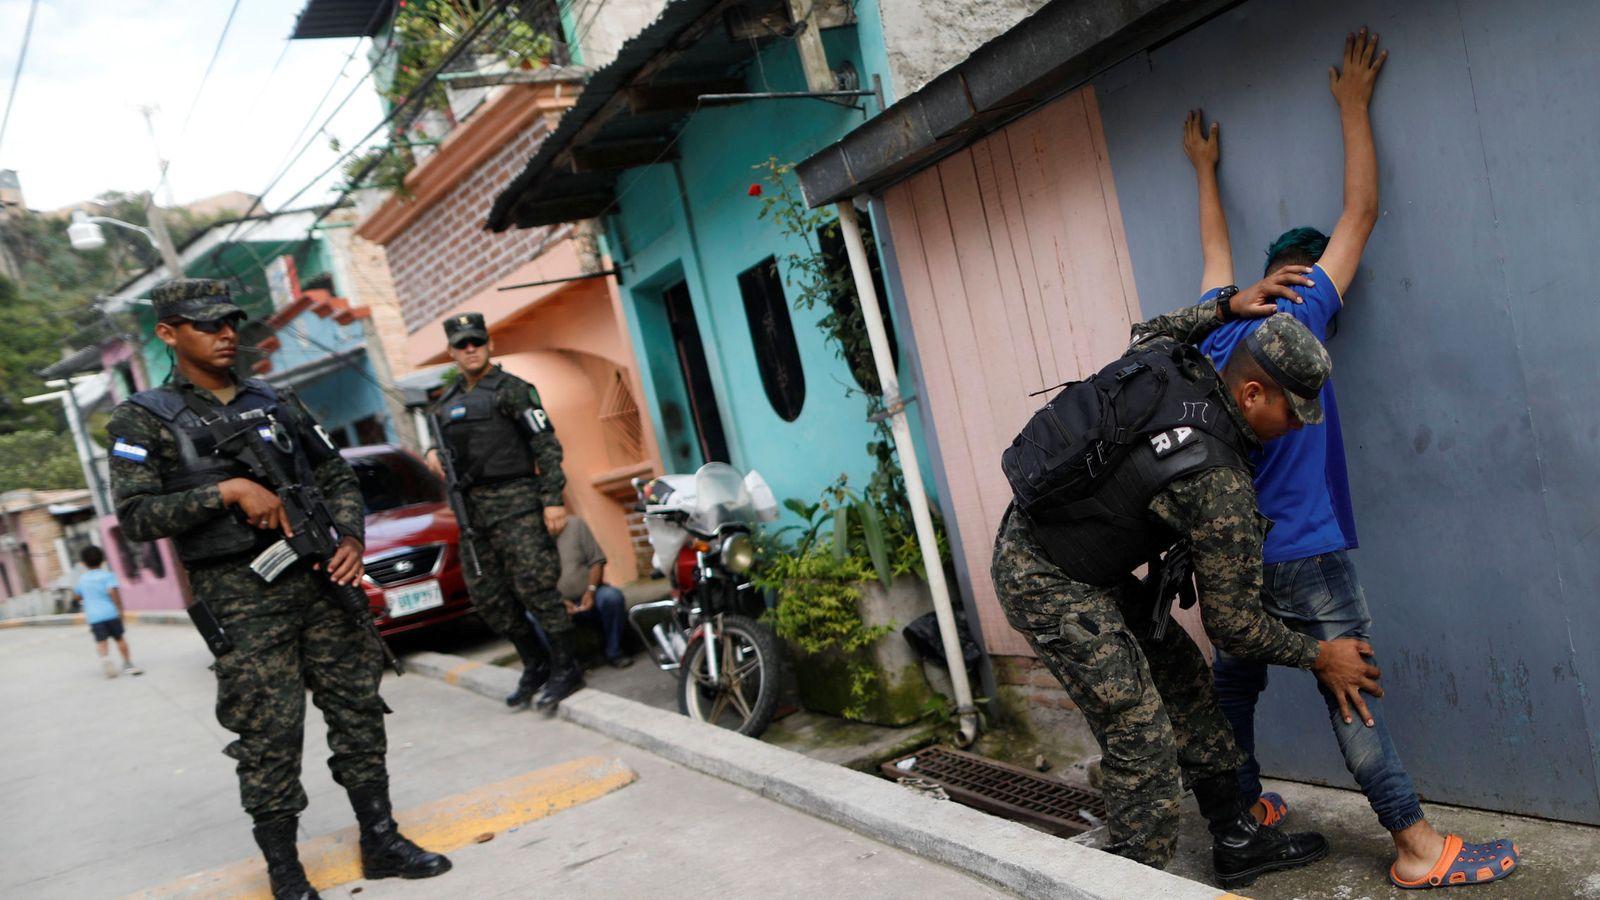 Foto: Un soldado cachea a un civil en una calle de Tegucigalpa (Honduras). (Reuters)